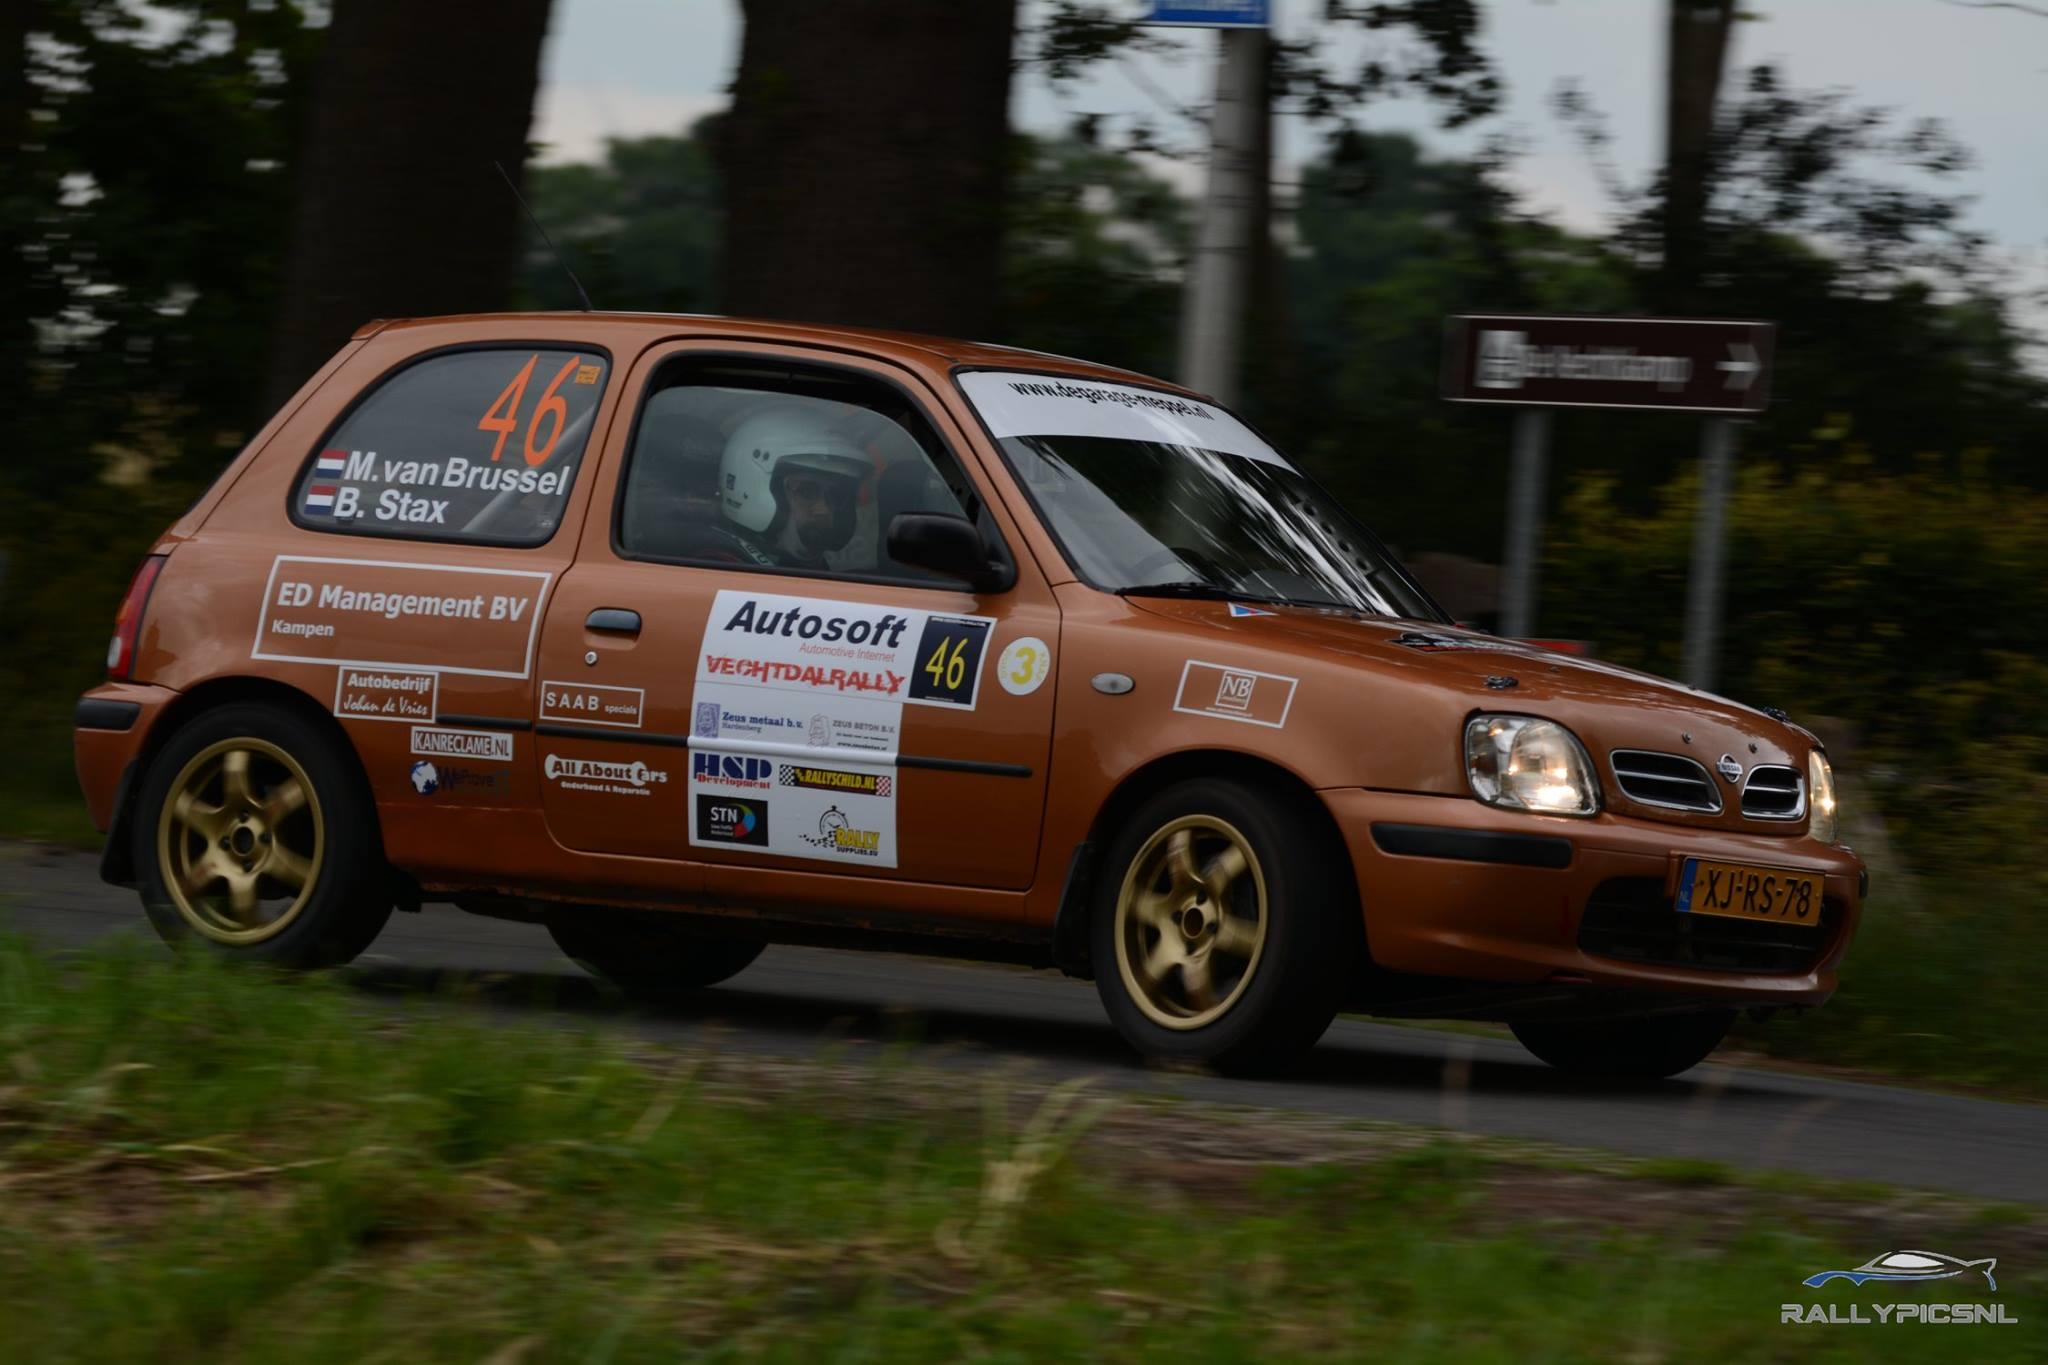 Tom_Verwijmeren-rallypics.nl_FB